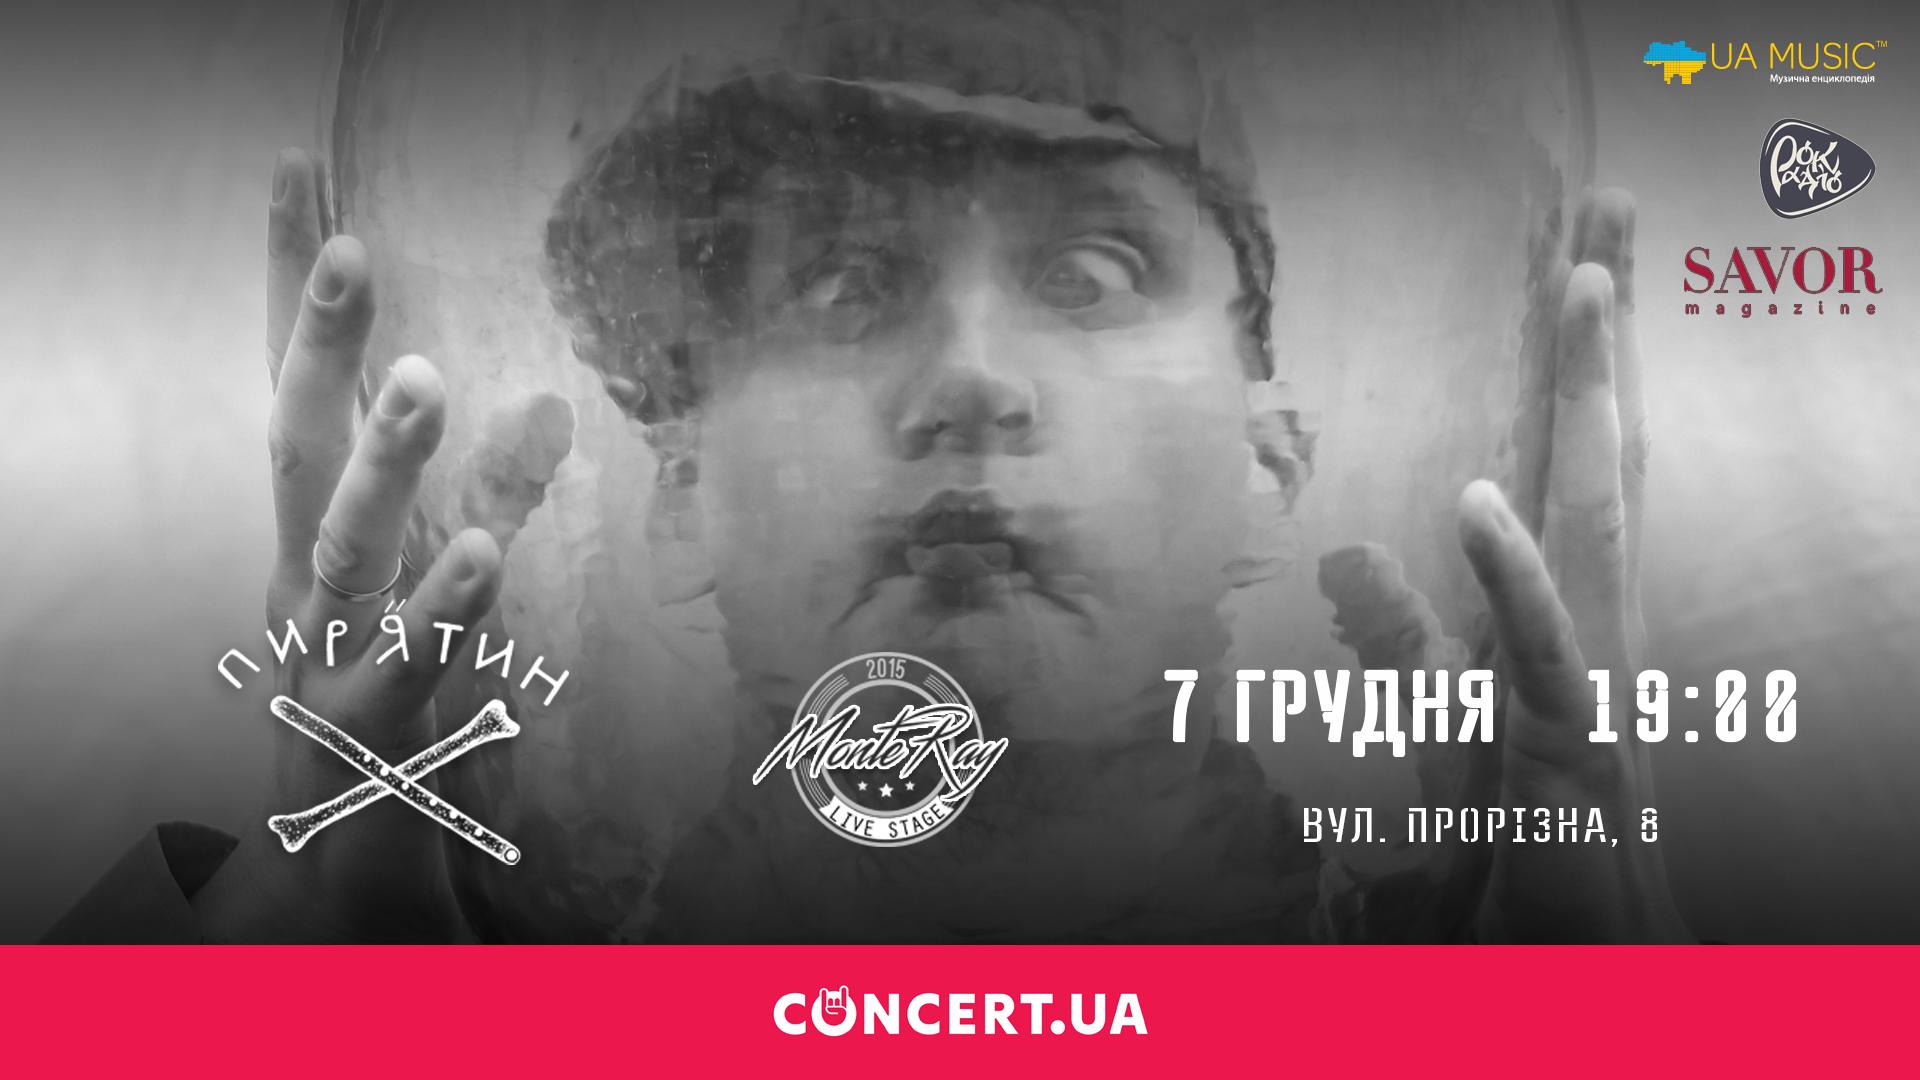 piryatin_afisha MonteRay Live Stage — UA MUSIC | Енциклопедія української музики